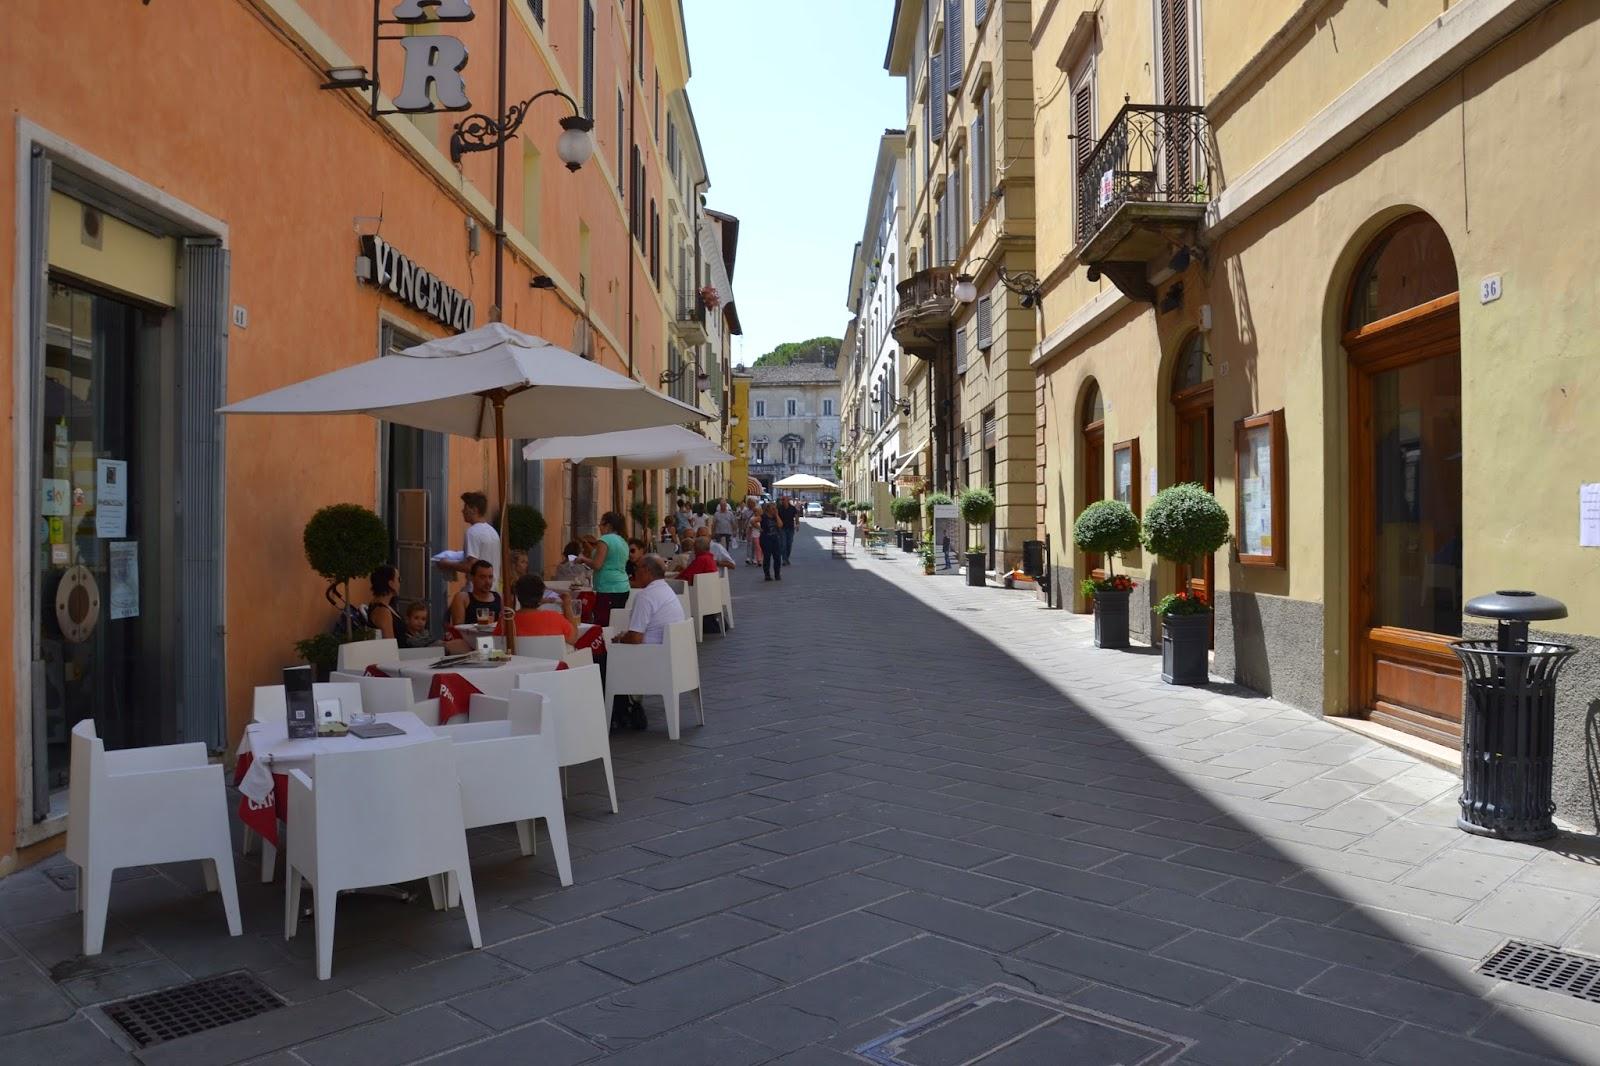 rue commerçante spoleto